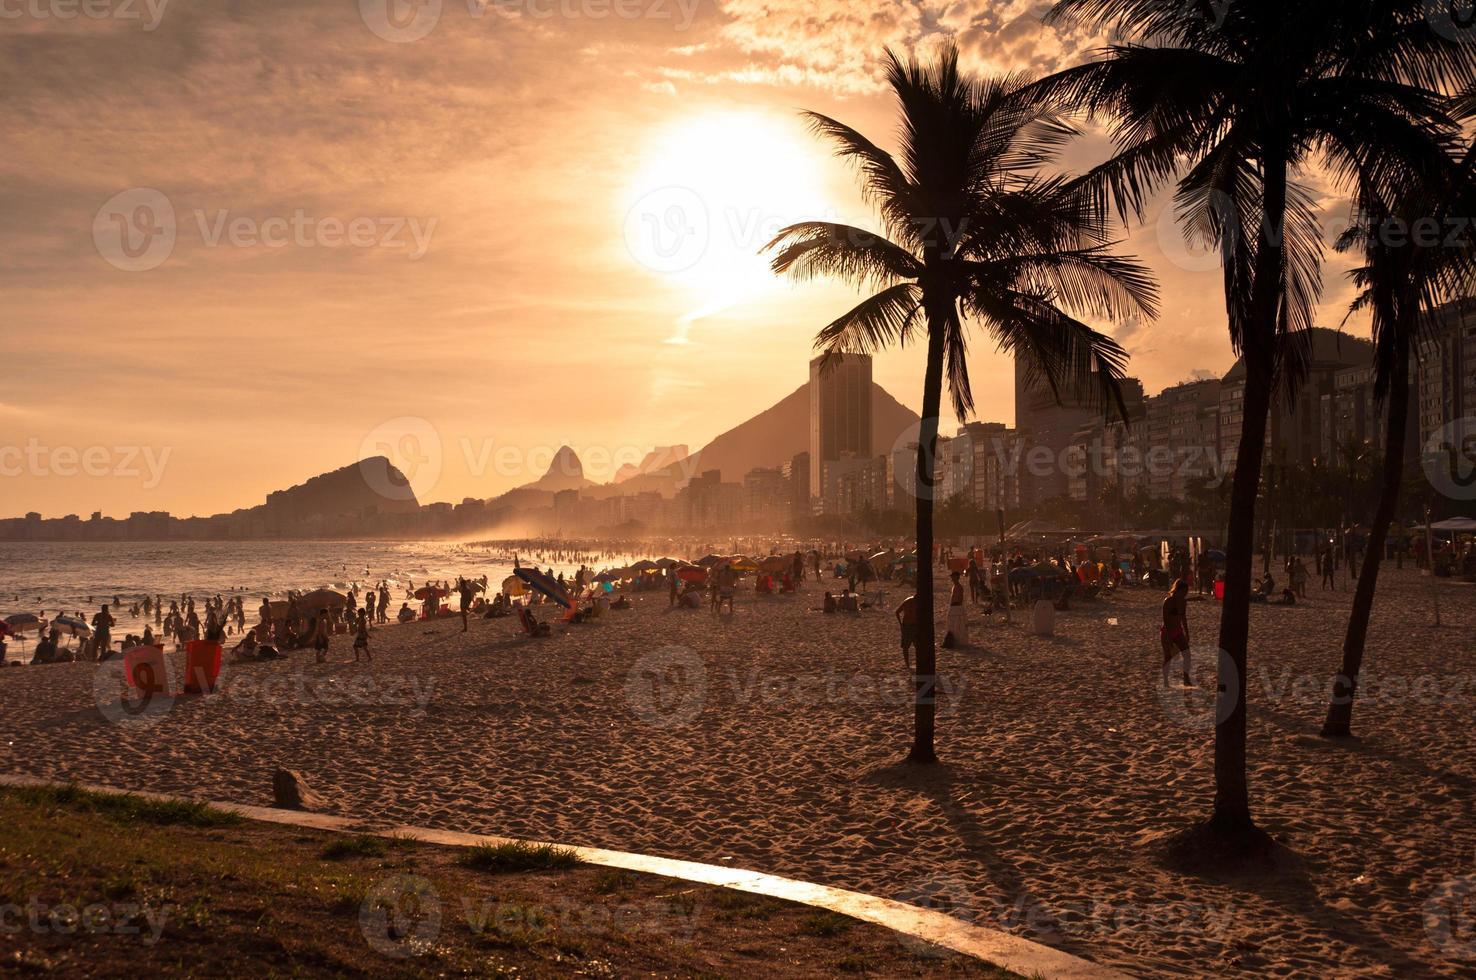 plage de copacabana au coucher du soleil photo